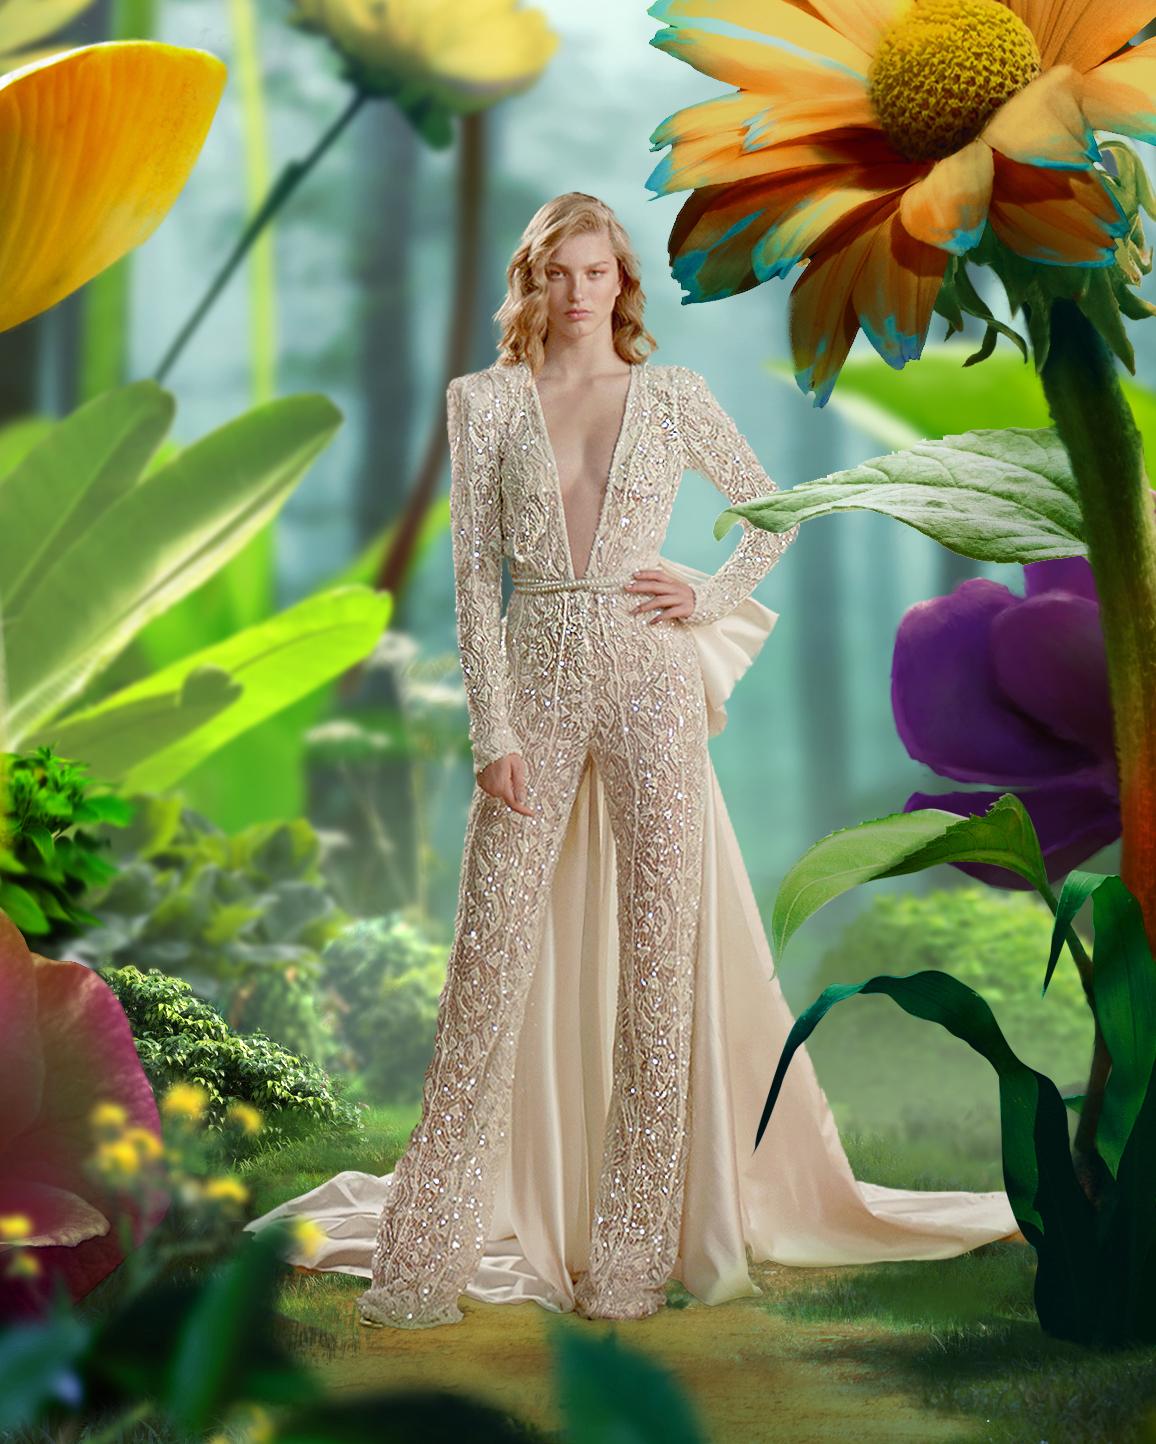 מהאגדות: קולקציית גאלה VI של גליה להב, שמלות כלה, 6